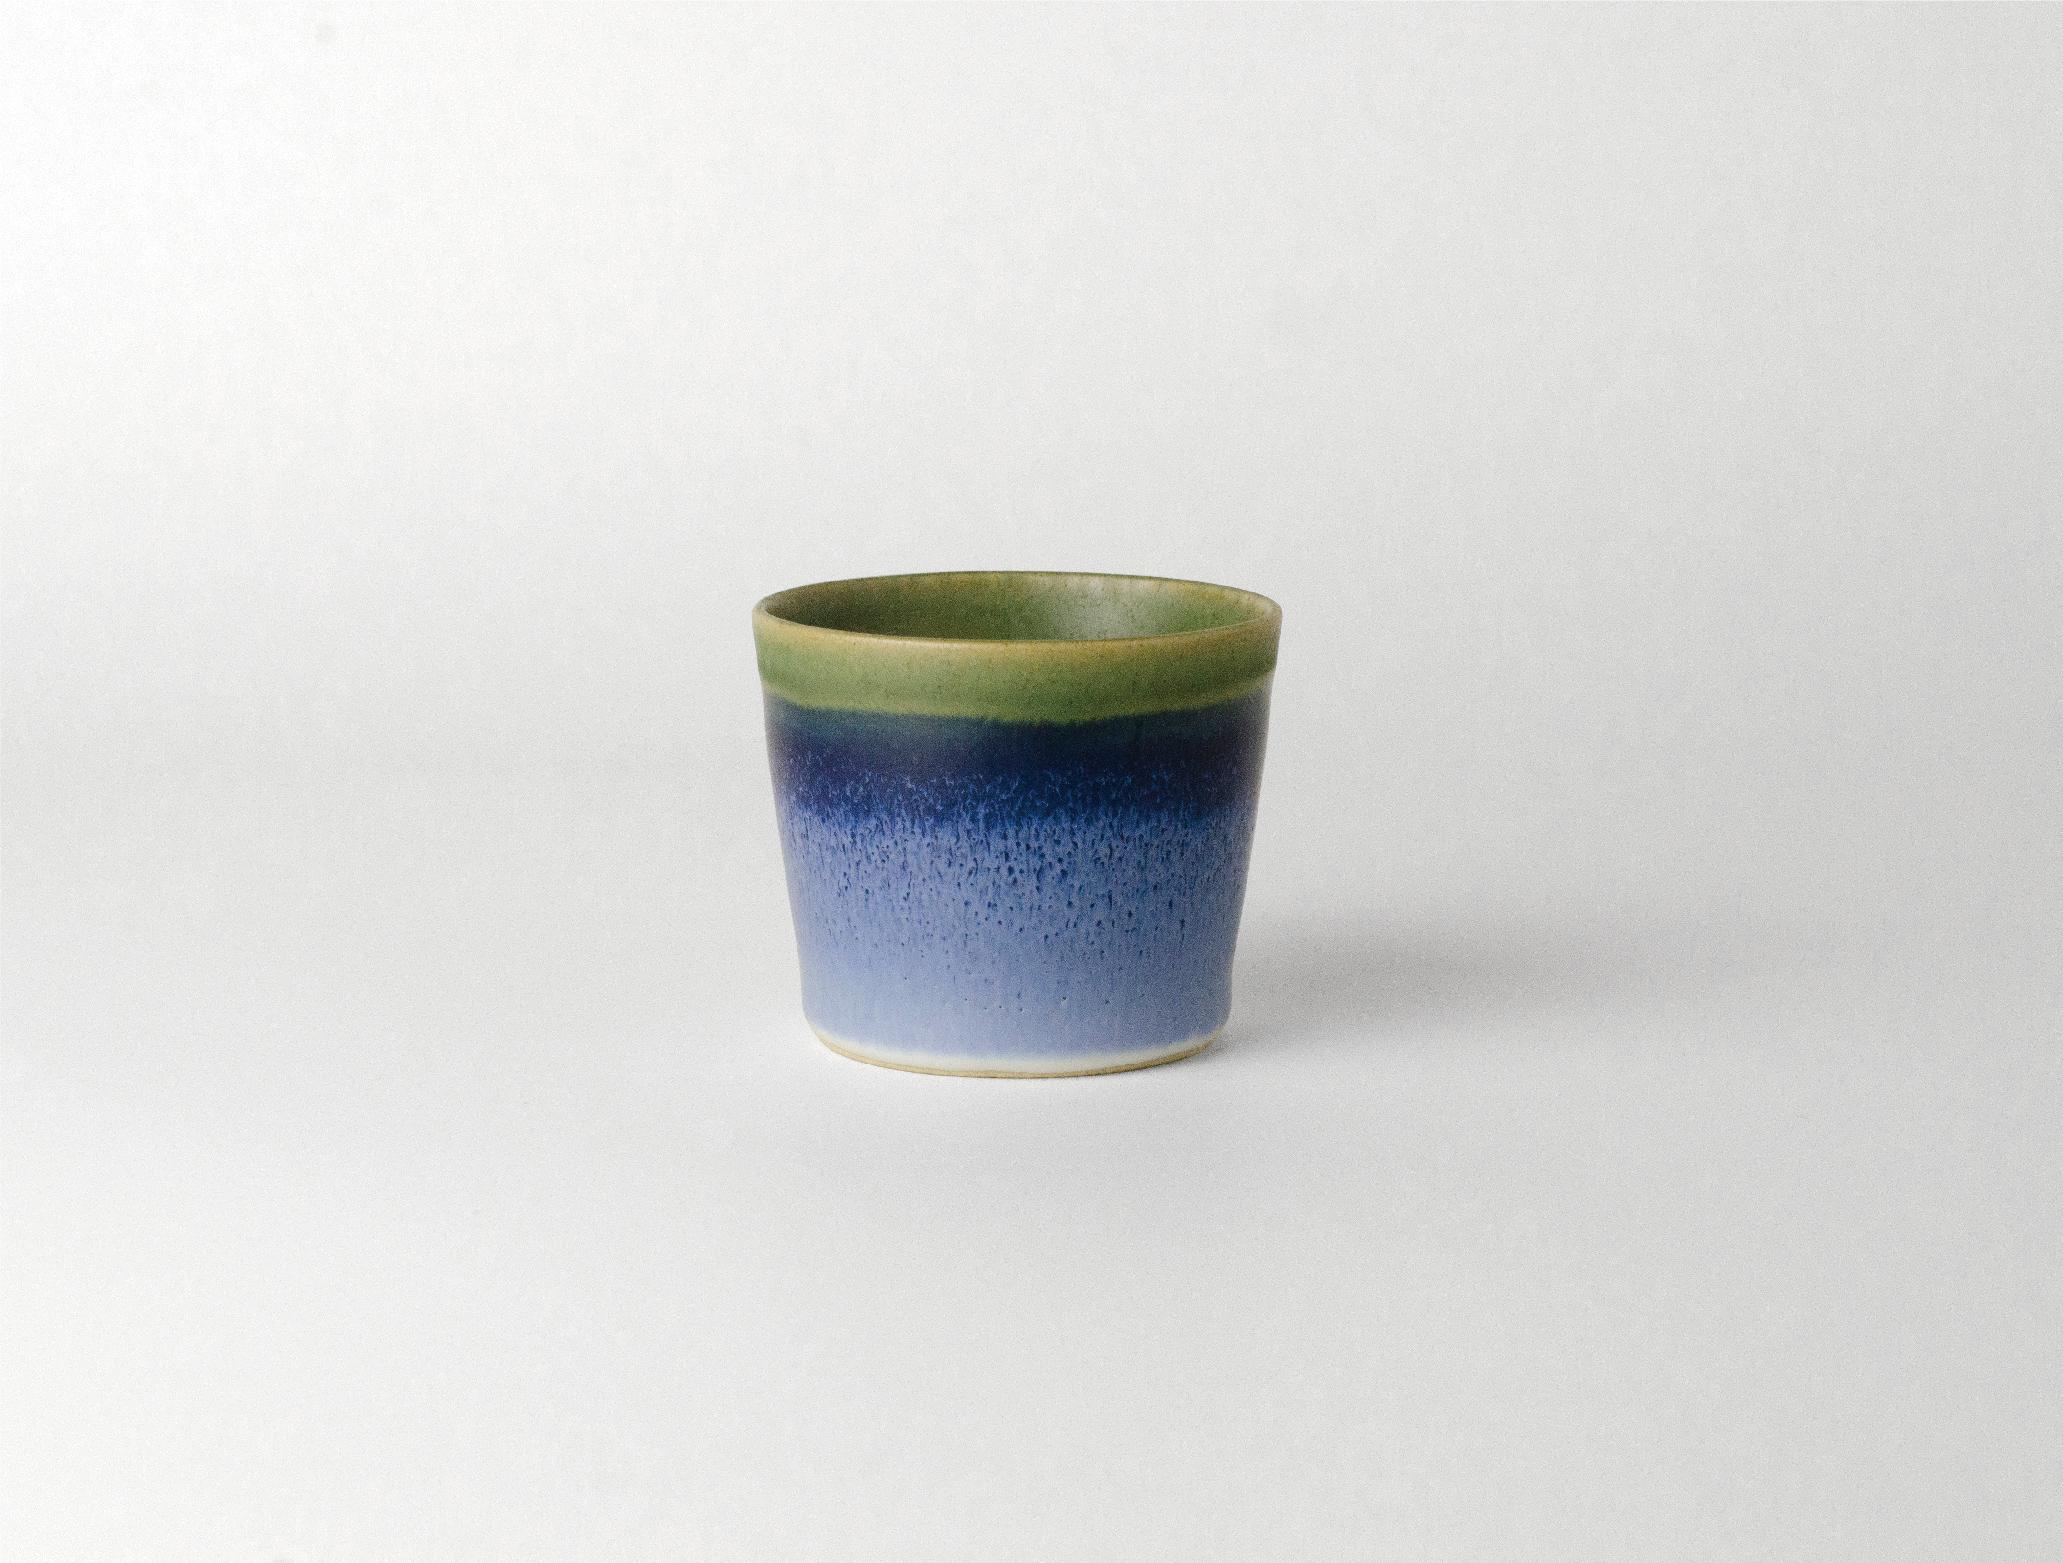 Fujisan_natu 60mlカップ イメージ